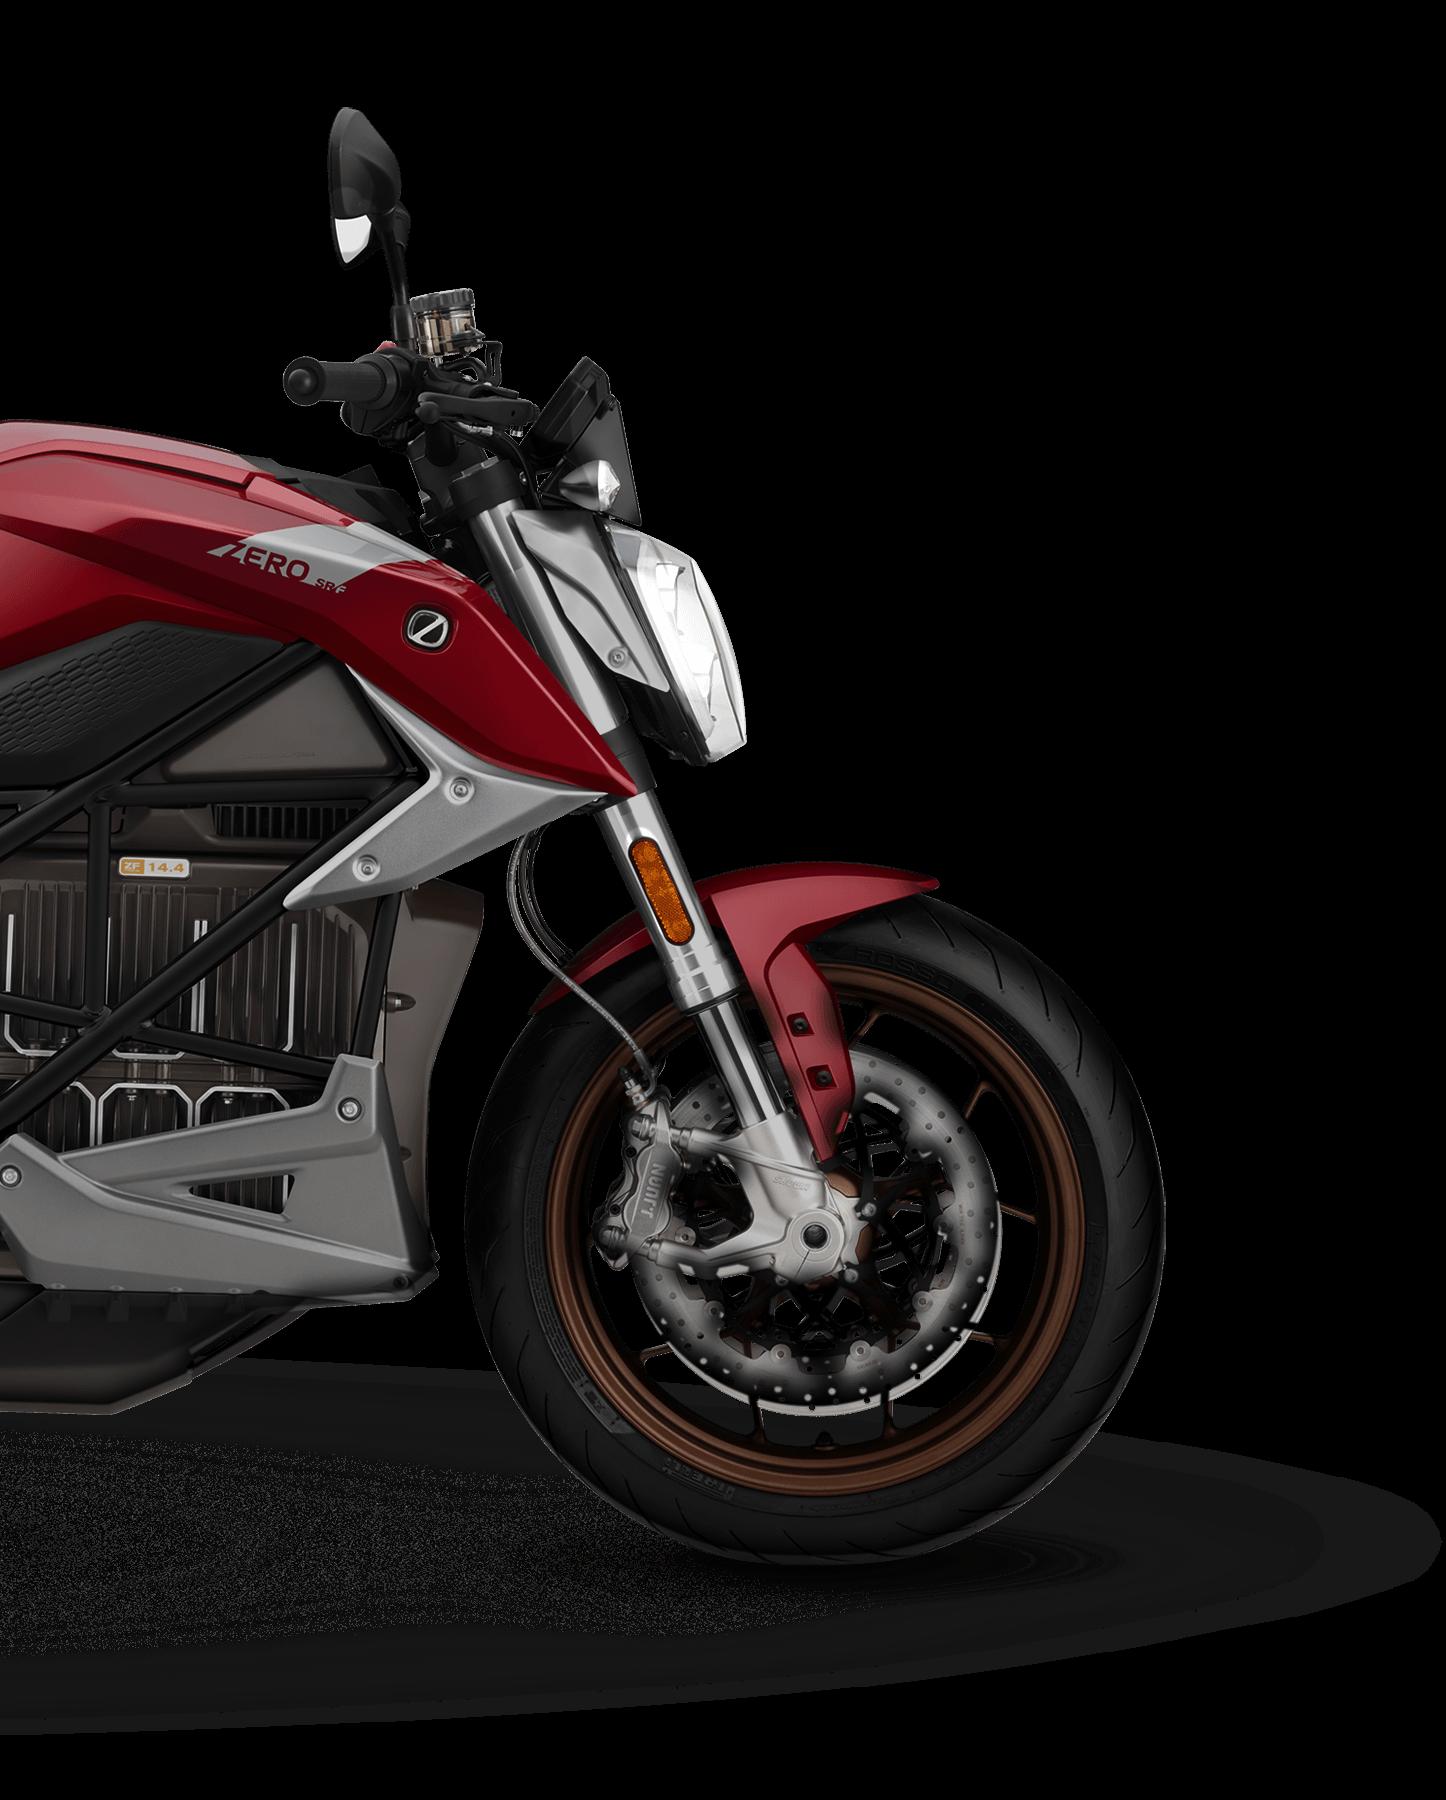 2020 Zero SR/F Electric Motorcycle || ZERO MOTORCYCLES